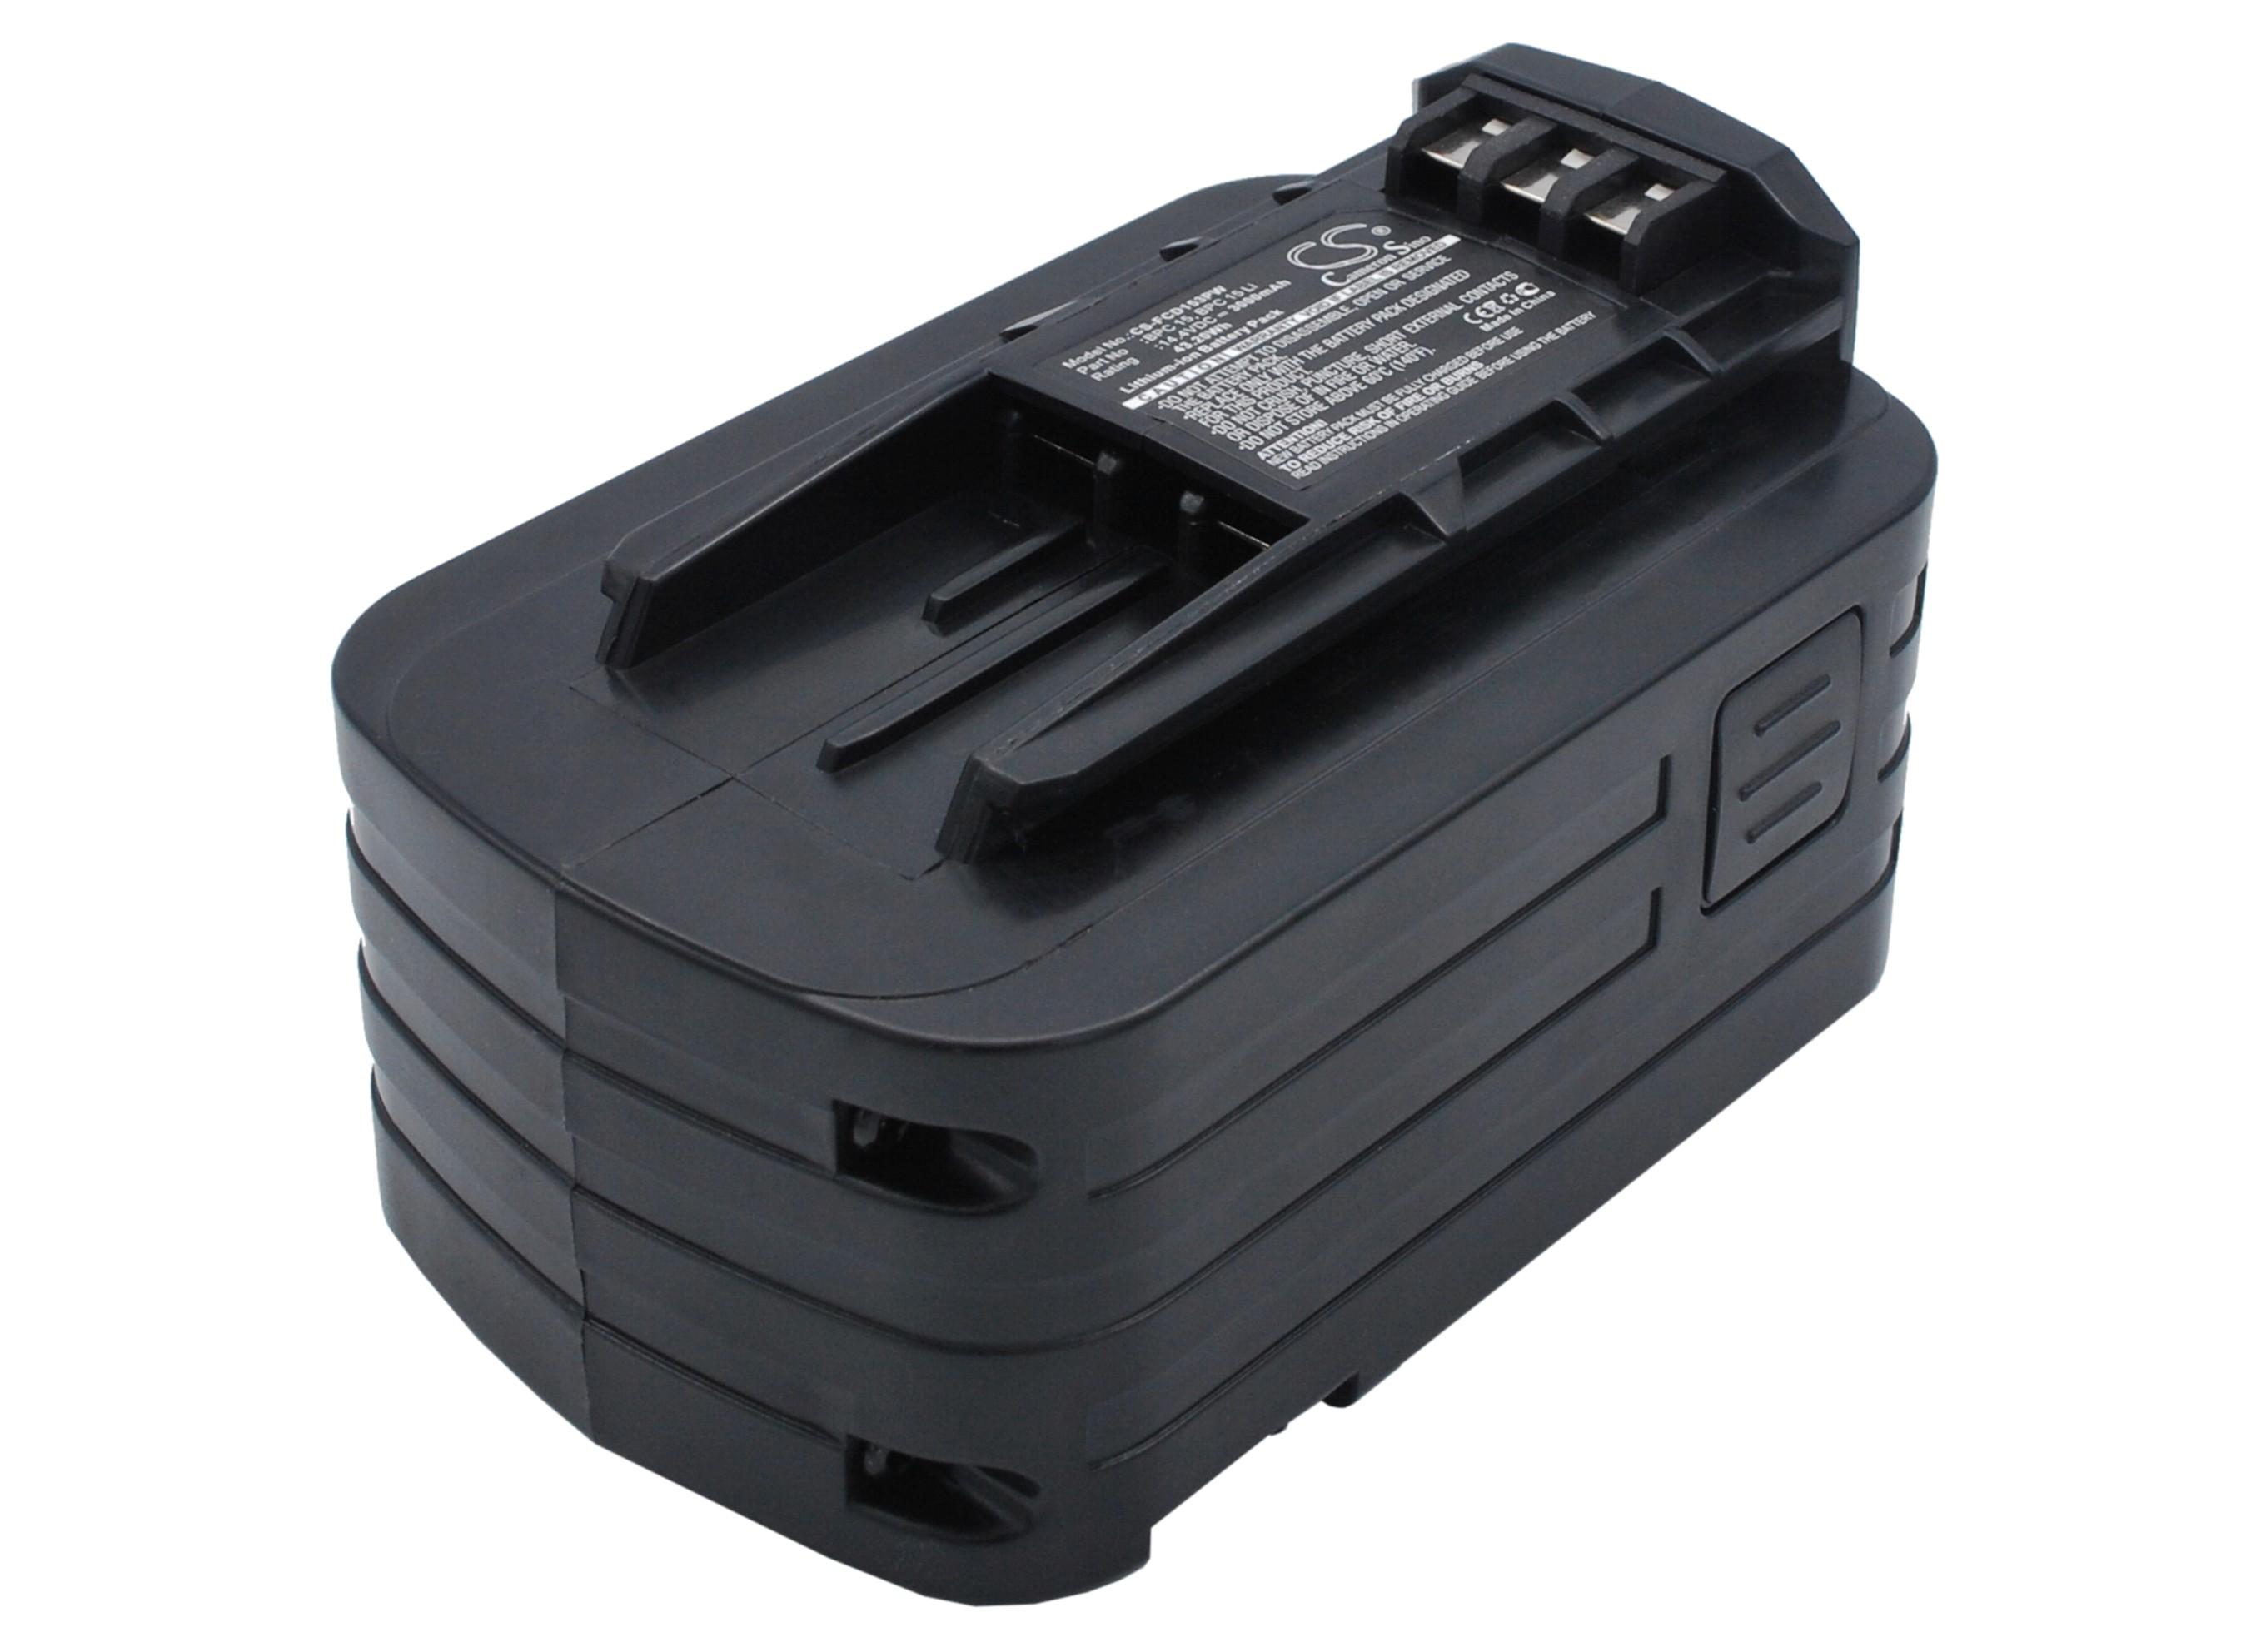 Cameron Sino baterie do nářadí pro FESTOOL PDC15 Cordless Hammer Drill 14.4V Li-ion 3000mAh černá - neoriginální